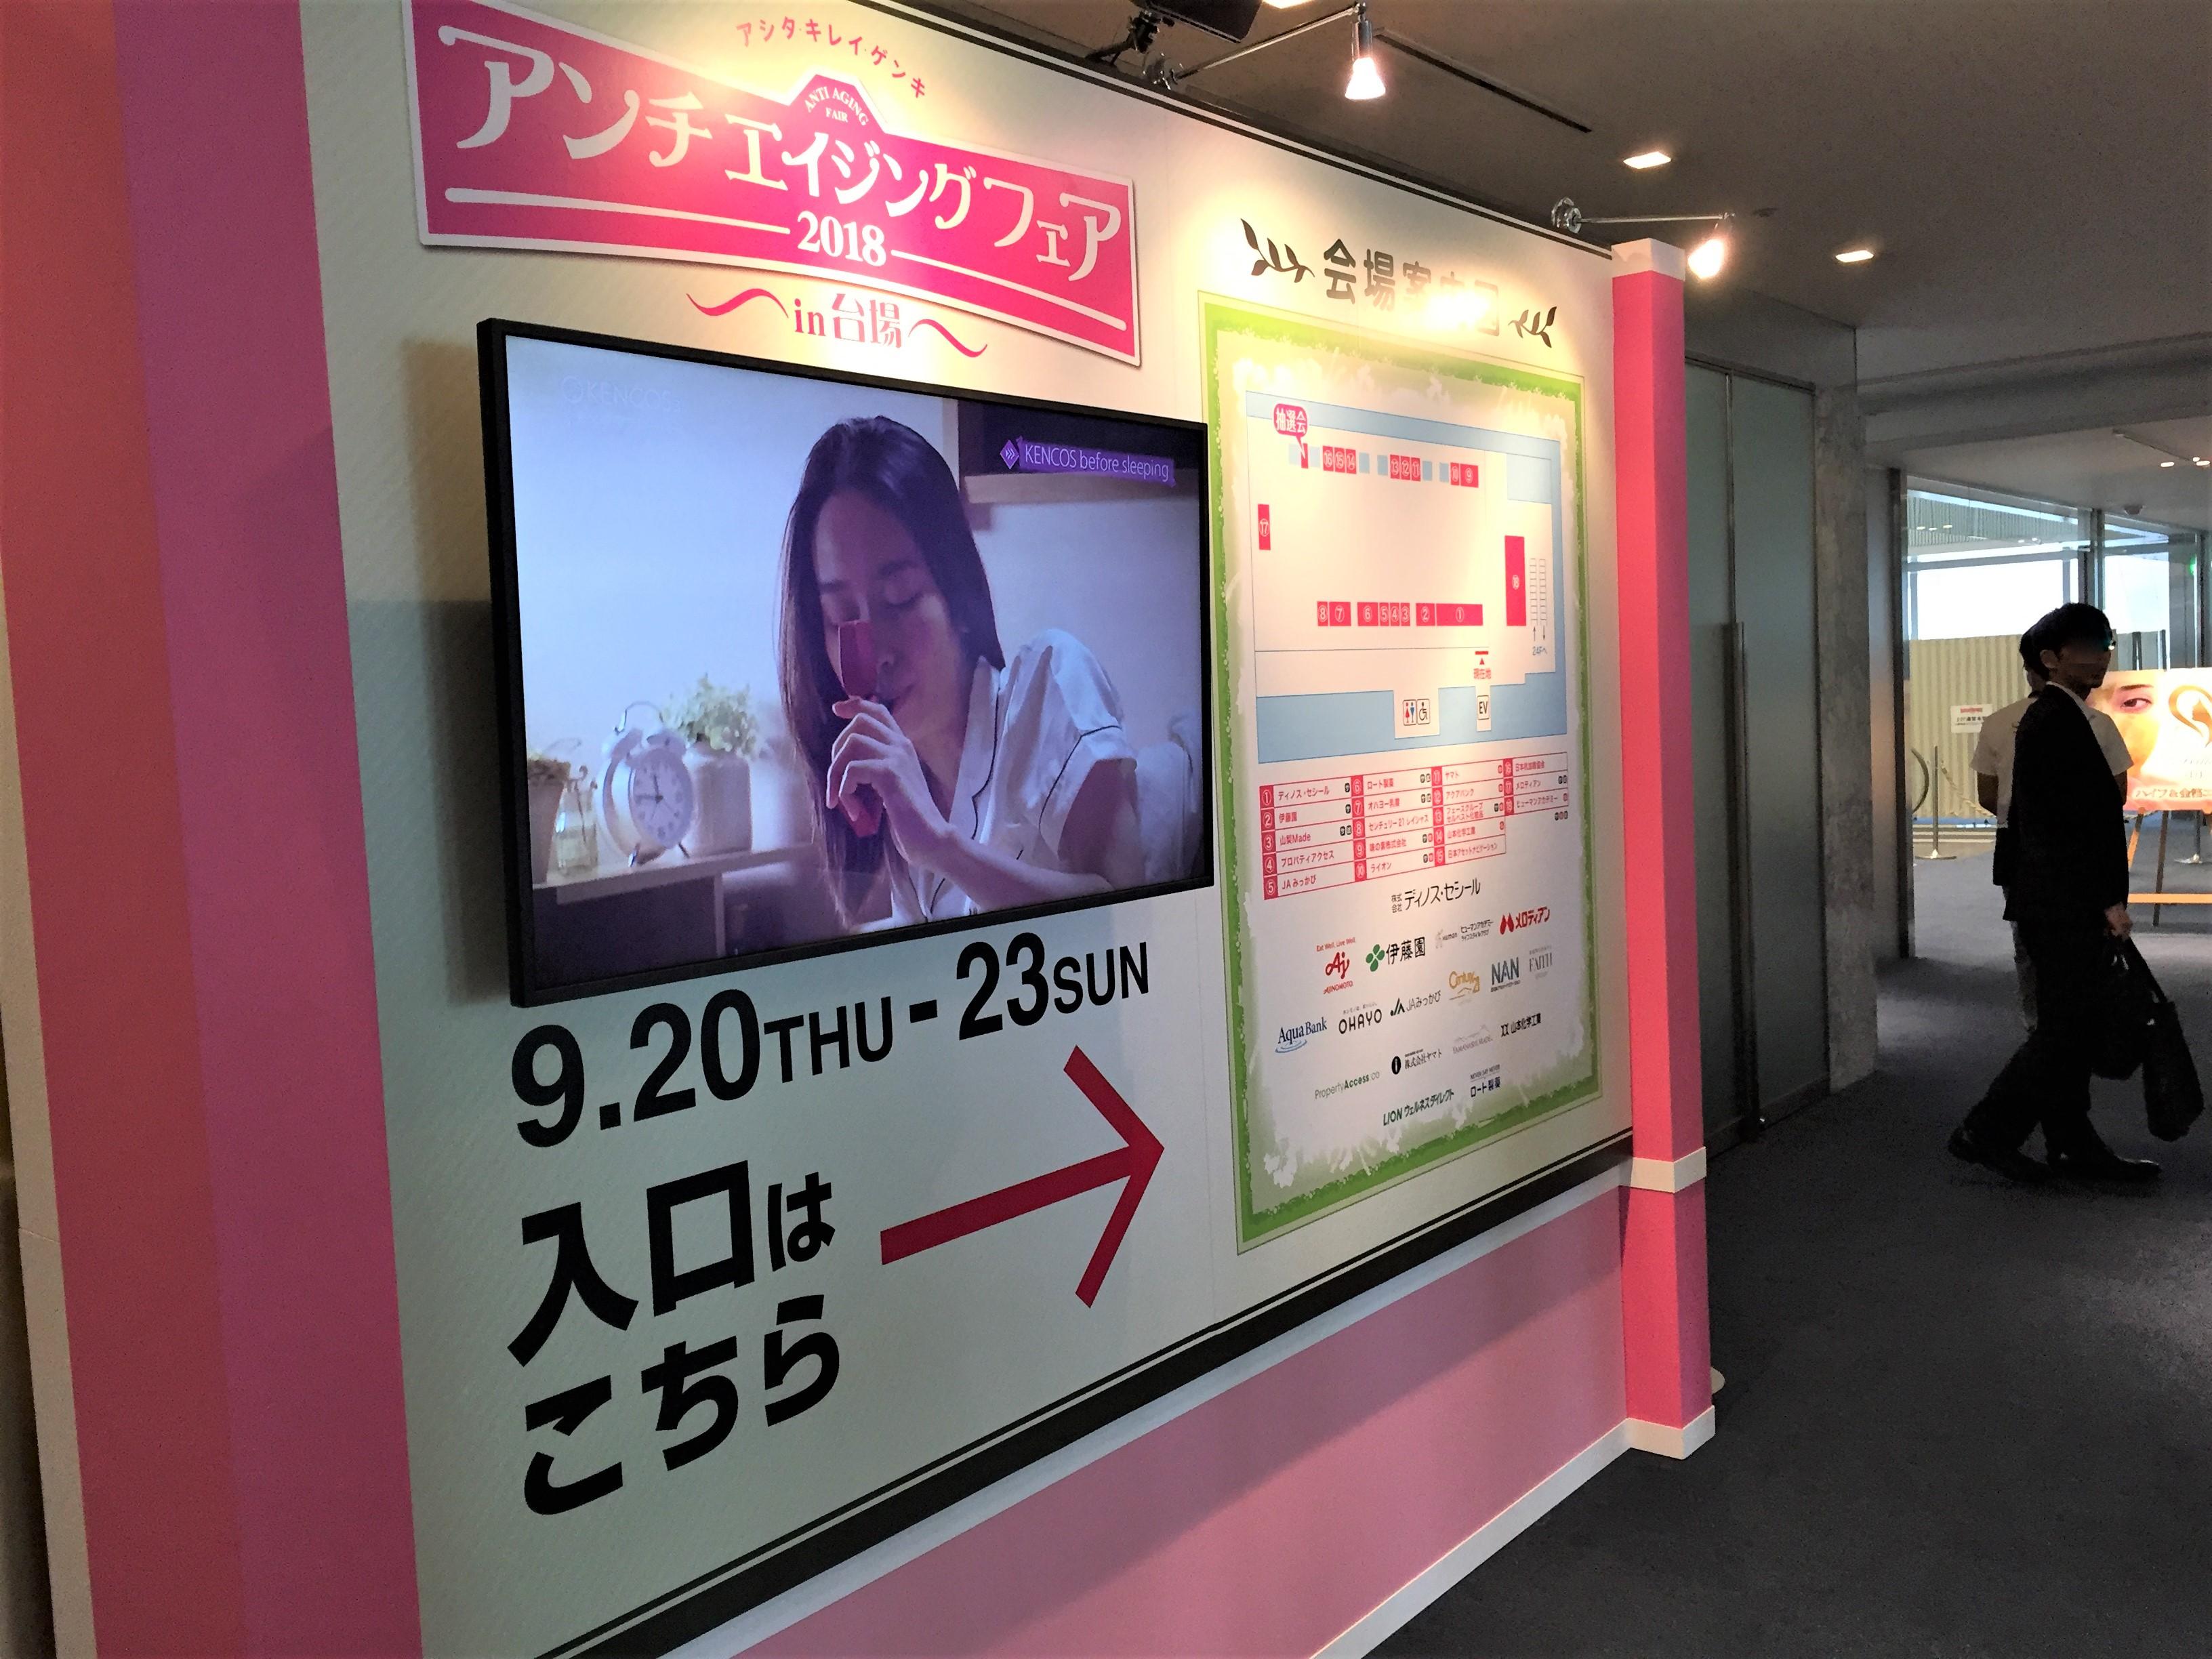 「アンチエイジング2018in台場」22Fフォーラム入口